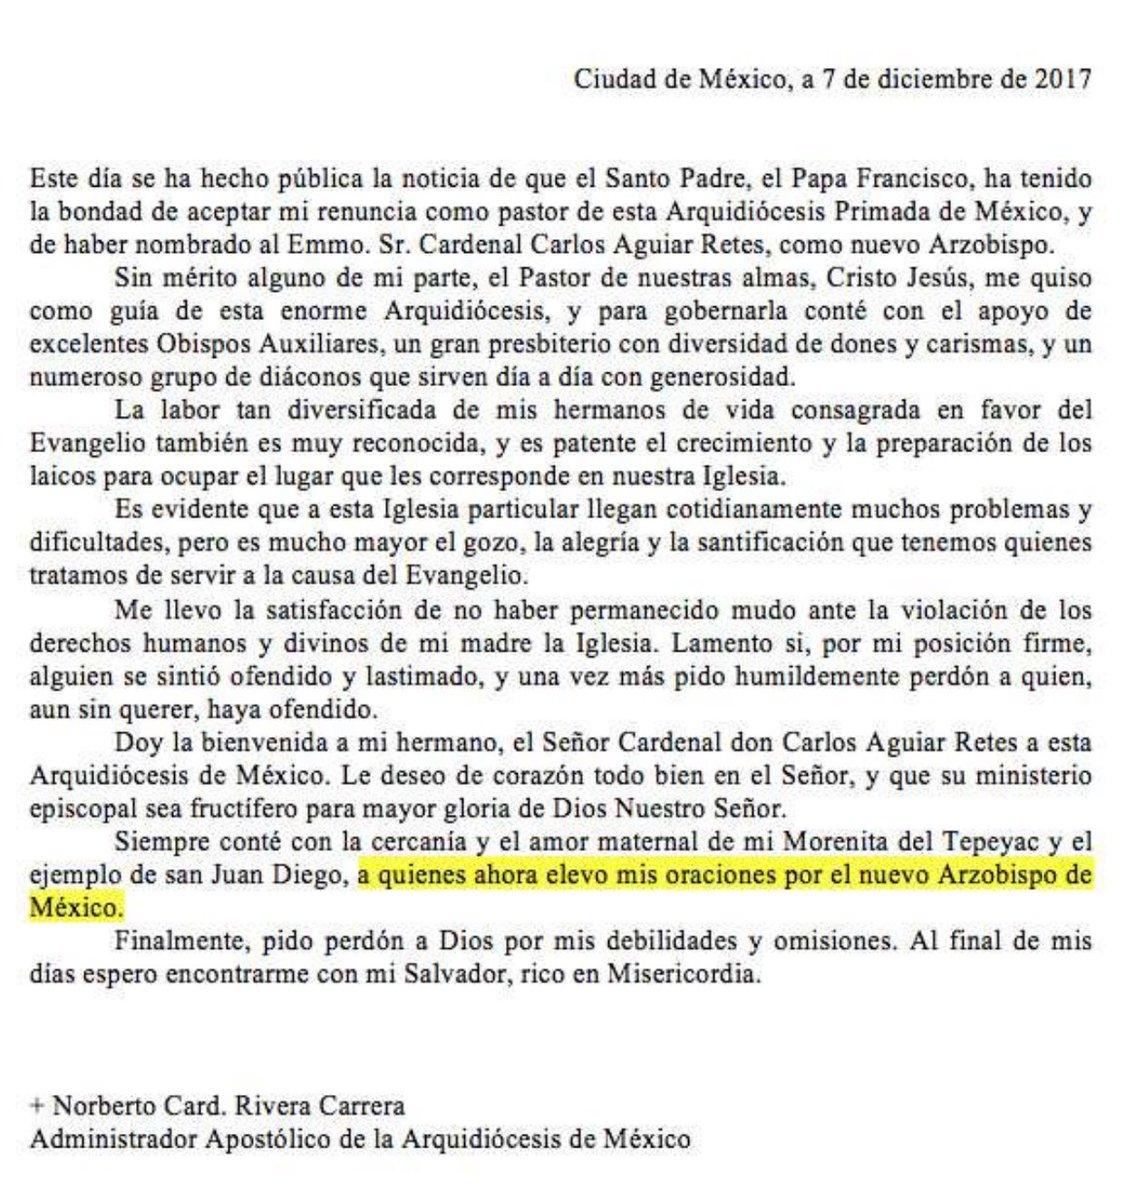 Aceptan renuncia de Norberto Rivera; Aguilar Retes nuevo arzobispo